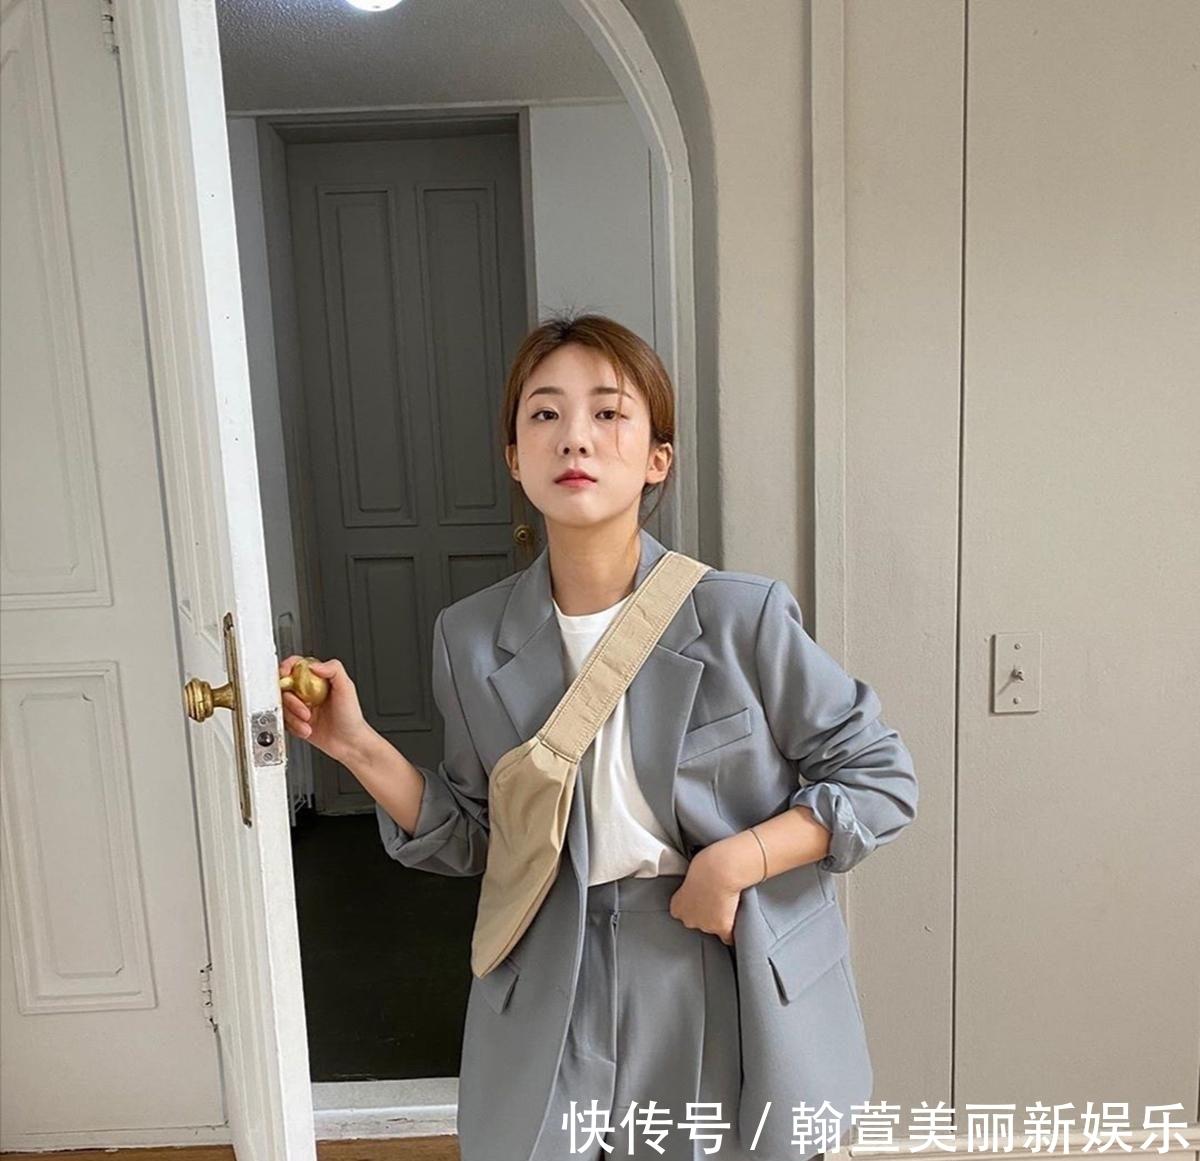 韩国博主教你如何搭配服装,春季穿出时尚范儿,简约显瘦又大气